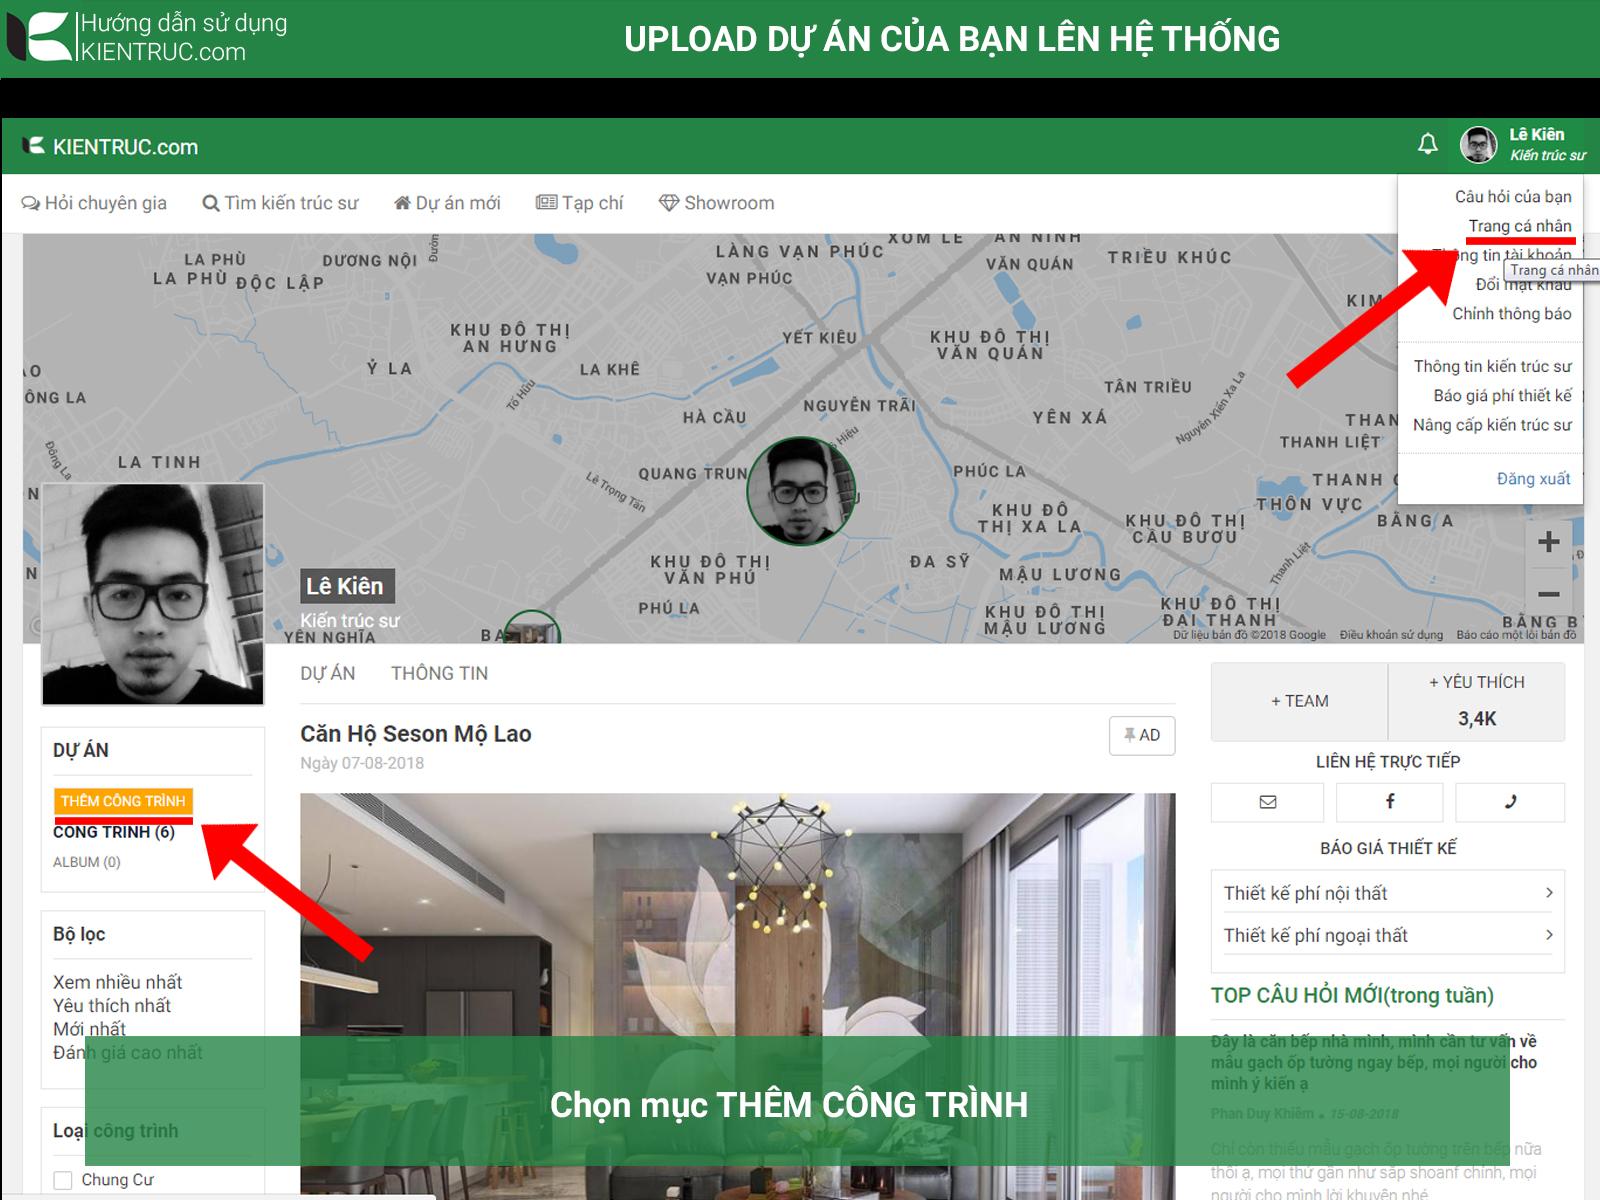 hướng dẫn upload dự án lên kientruc.com